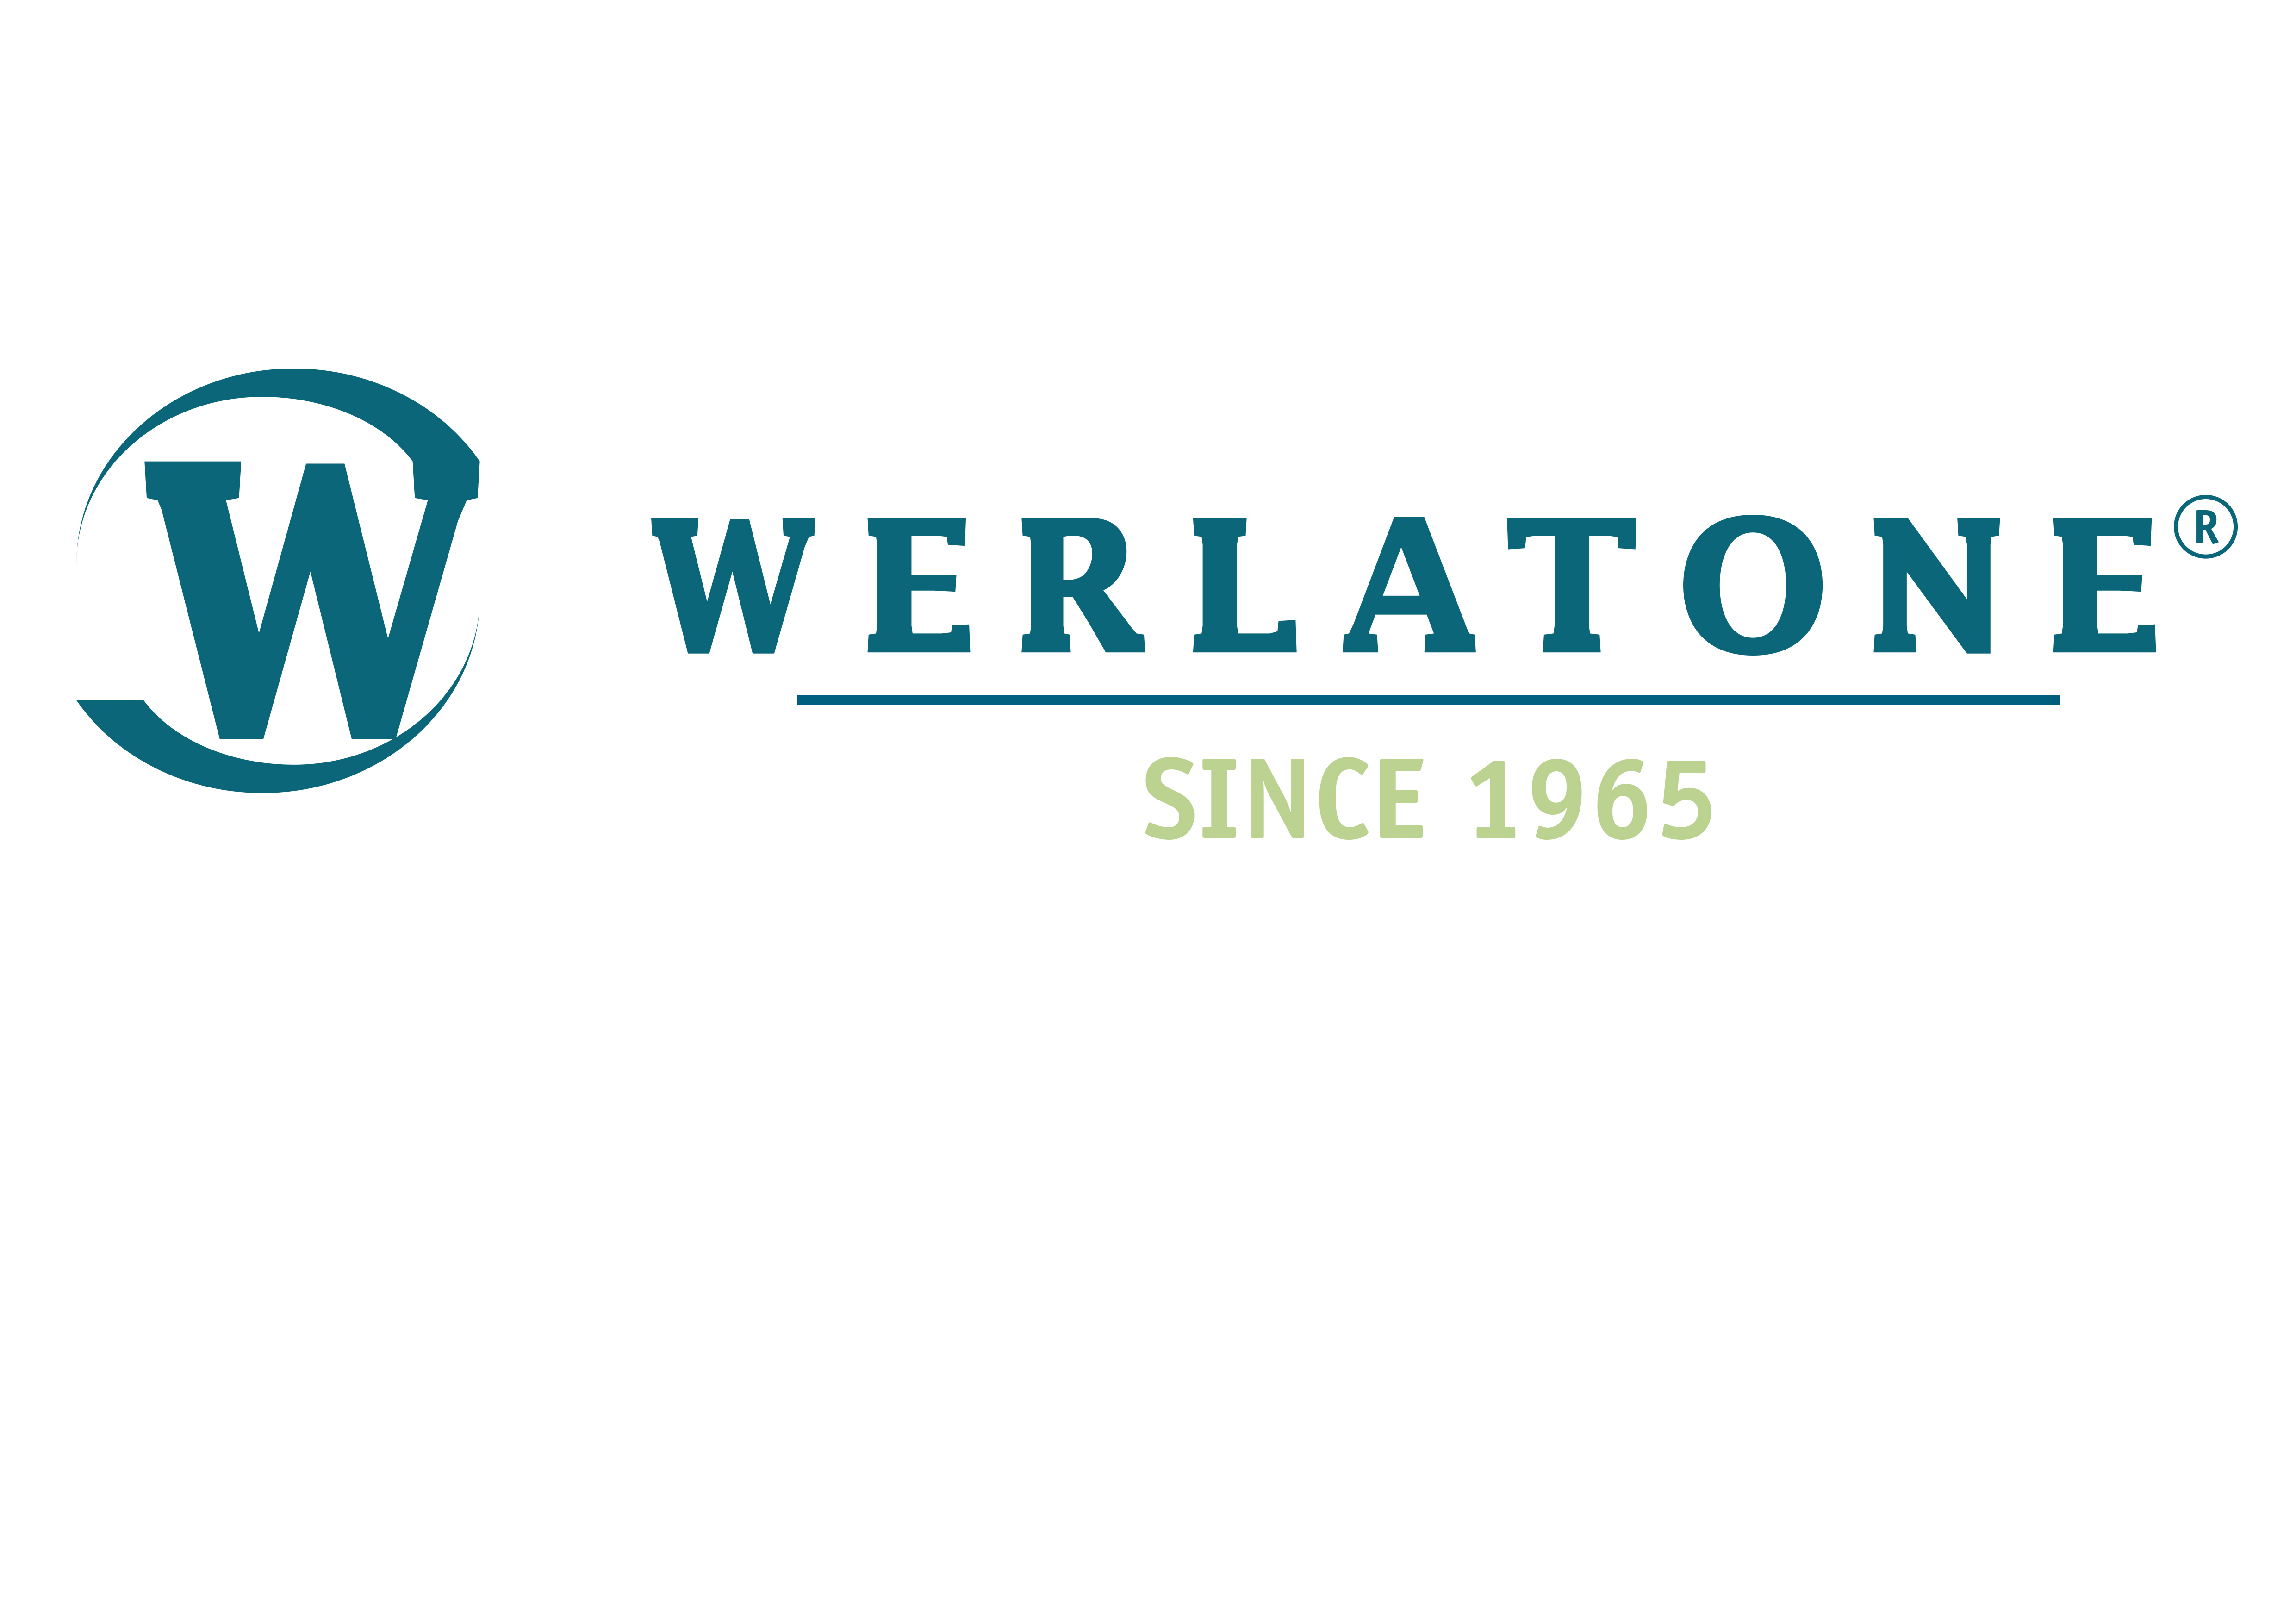 Werlatone